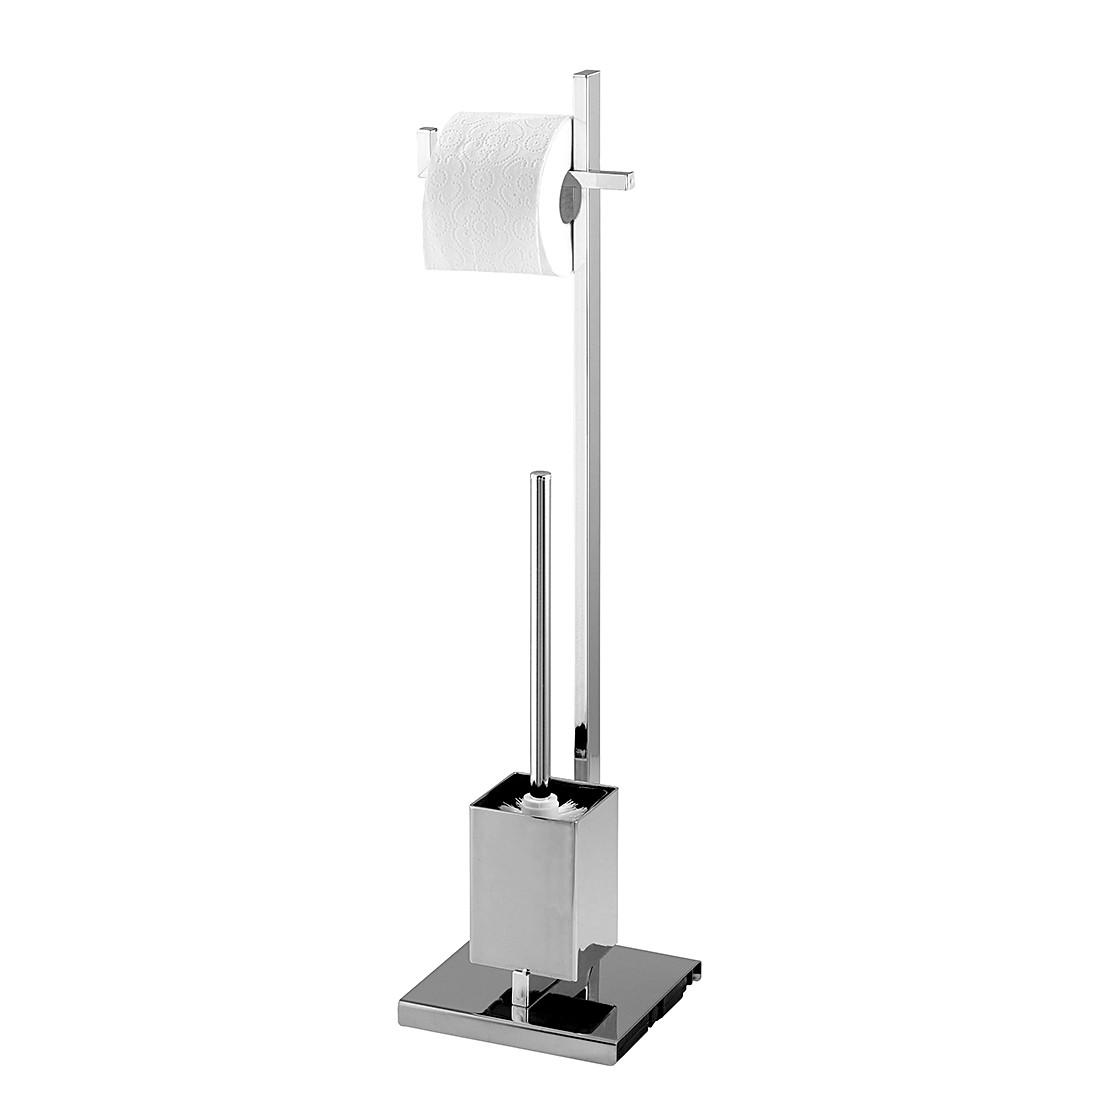 WC-Garnitur Quadro – Silber glänzend, WENKO günstig kaufen